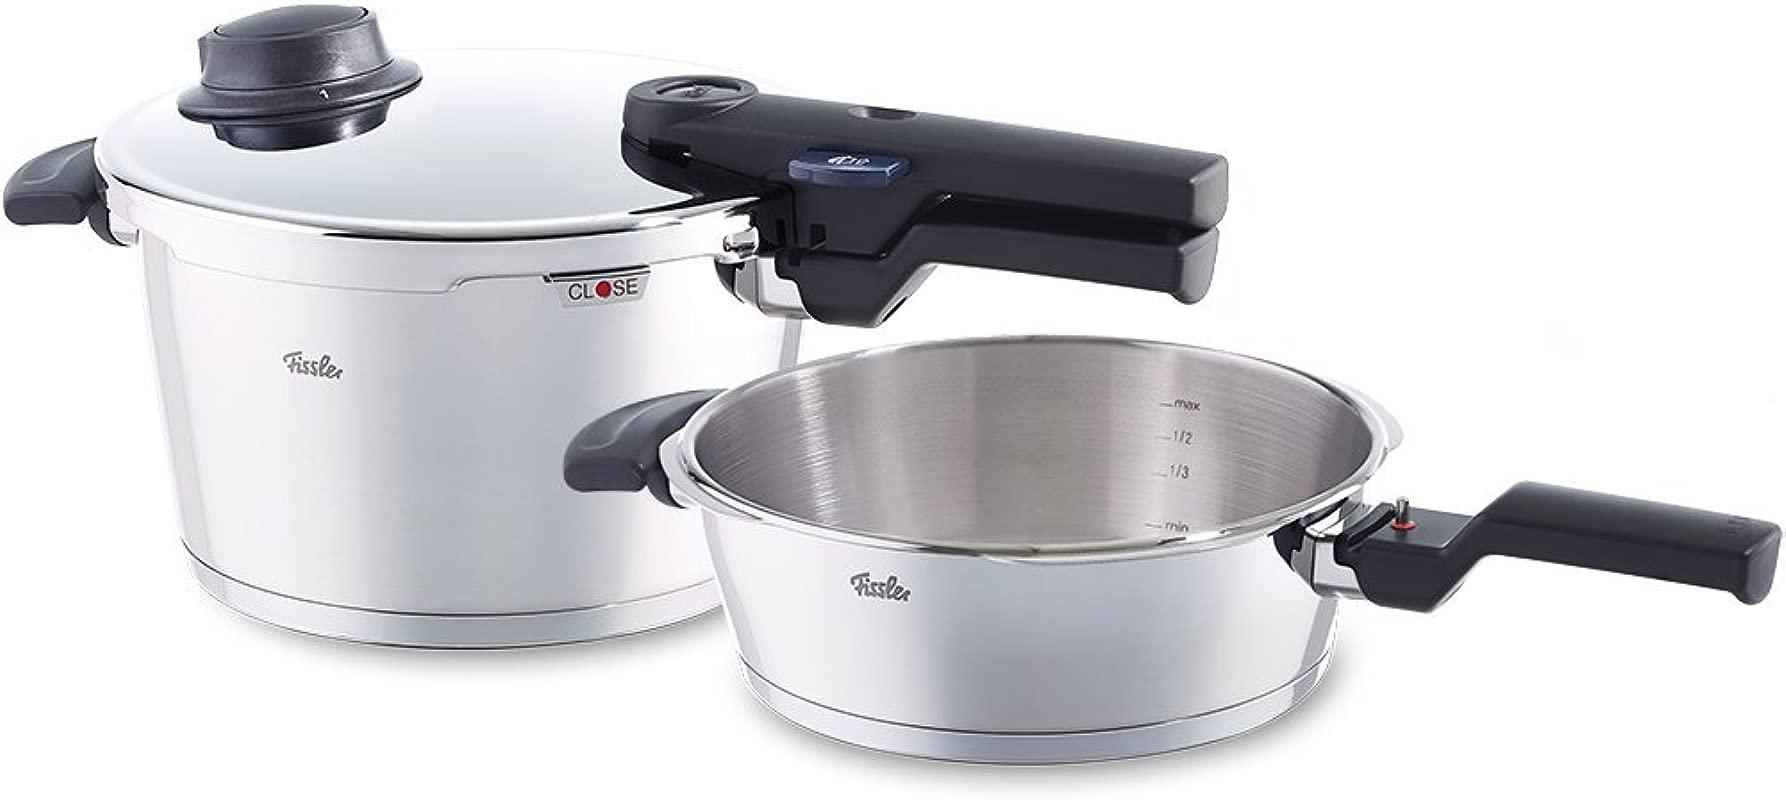 Fissler Vitavit Comfort Pressure Cooker Set Pots And Pans 4 5 2 5 Ltr